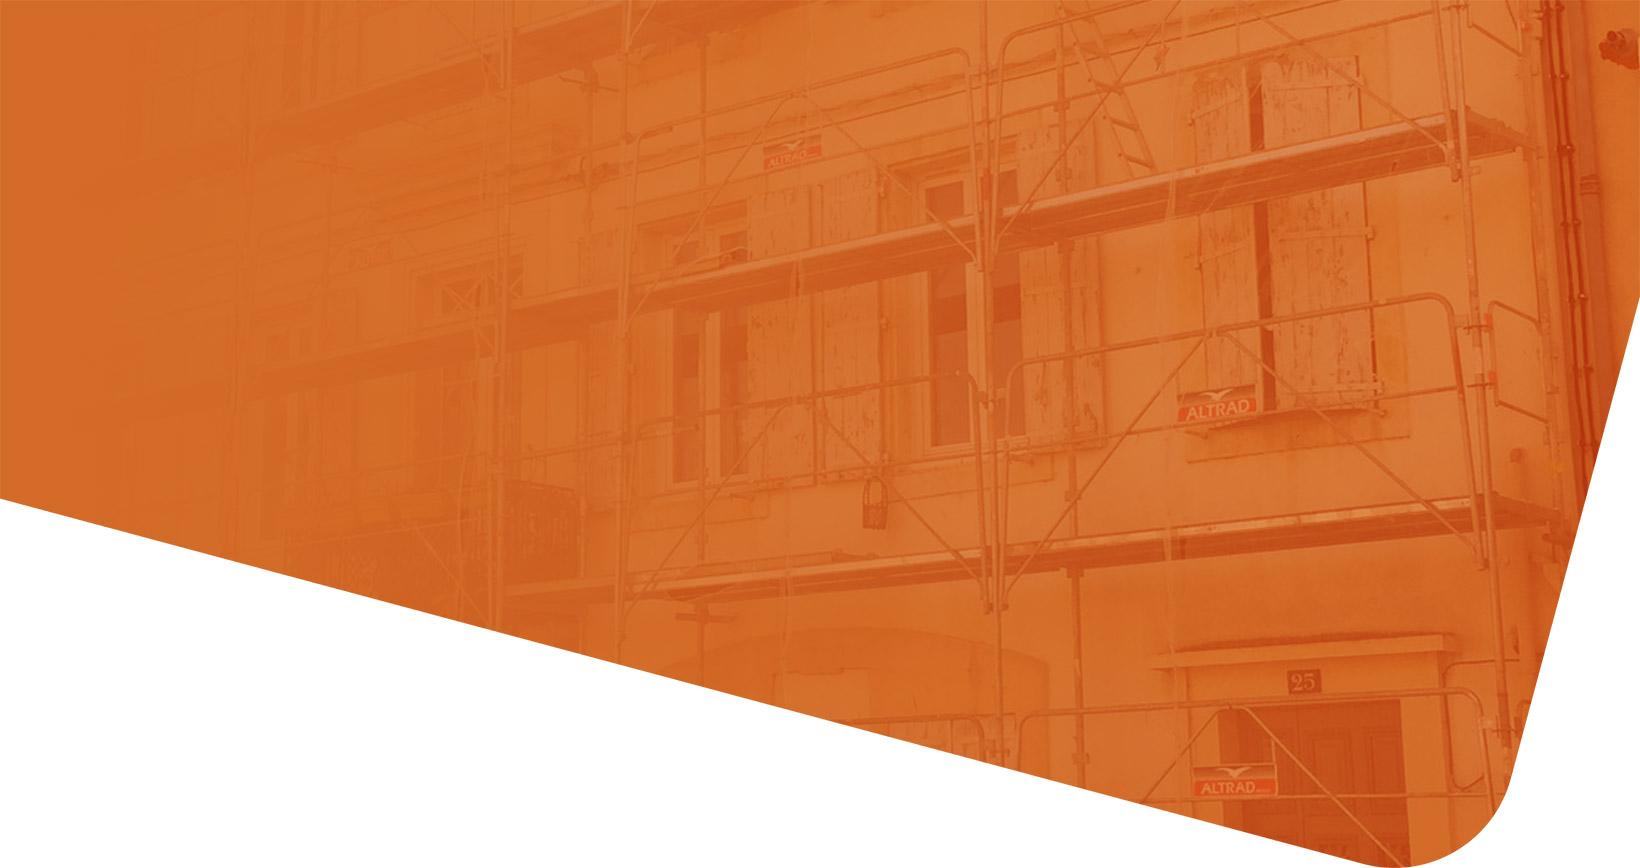 LT Echafaudage est une entreprise de location de matériel BTP